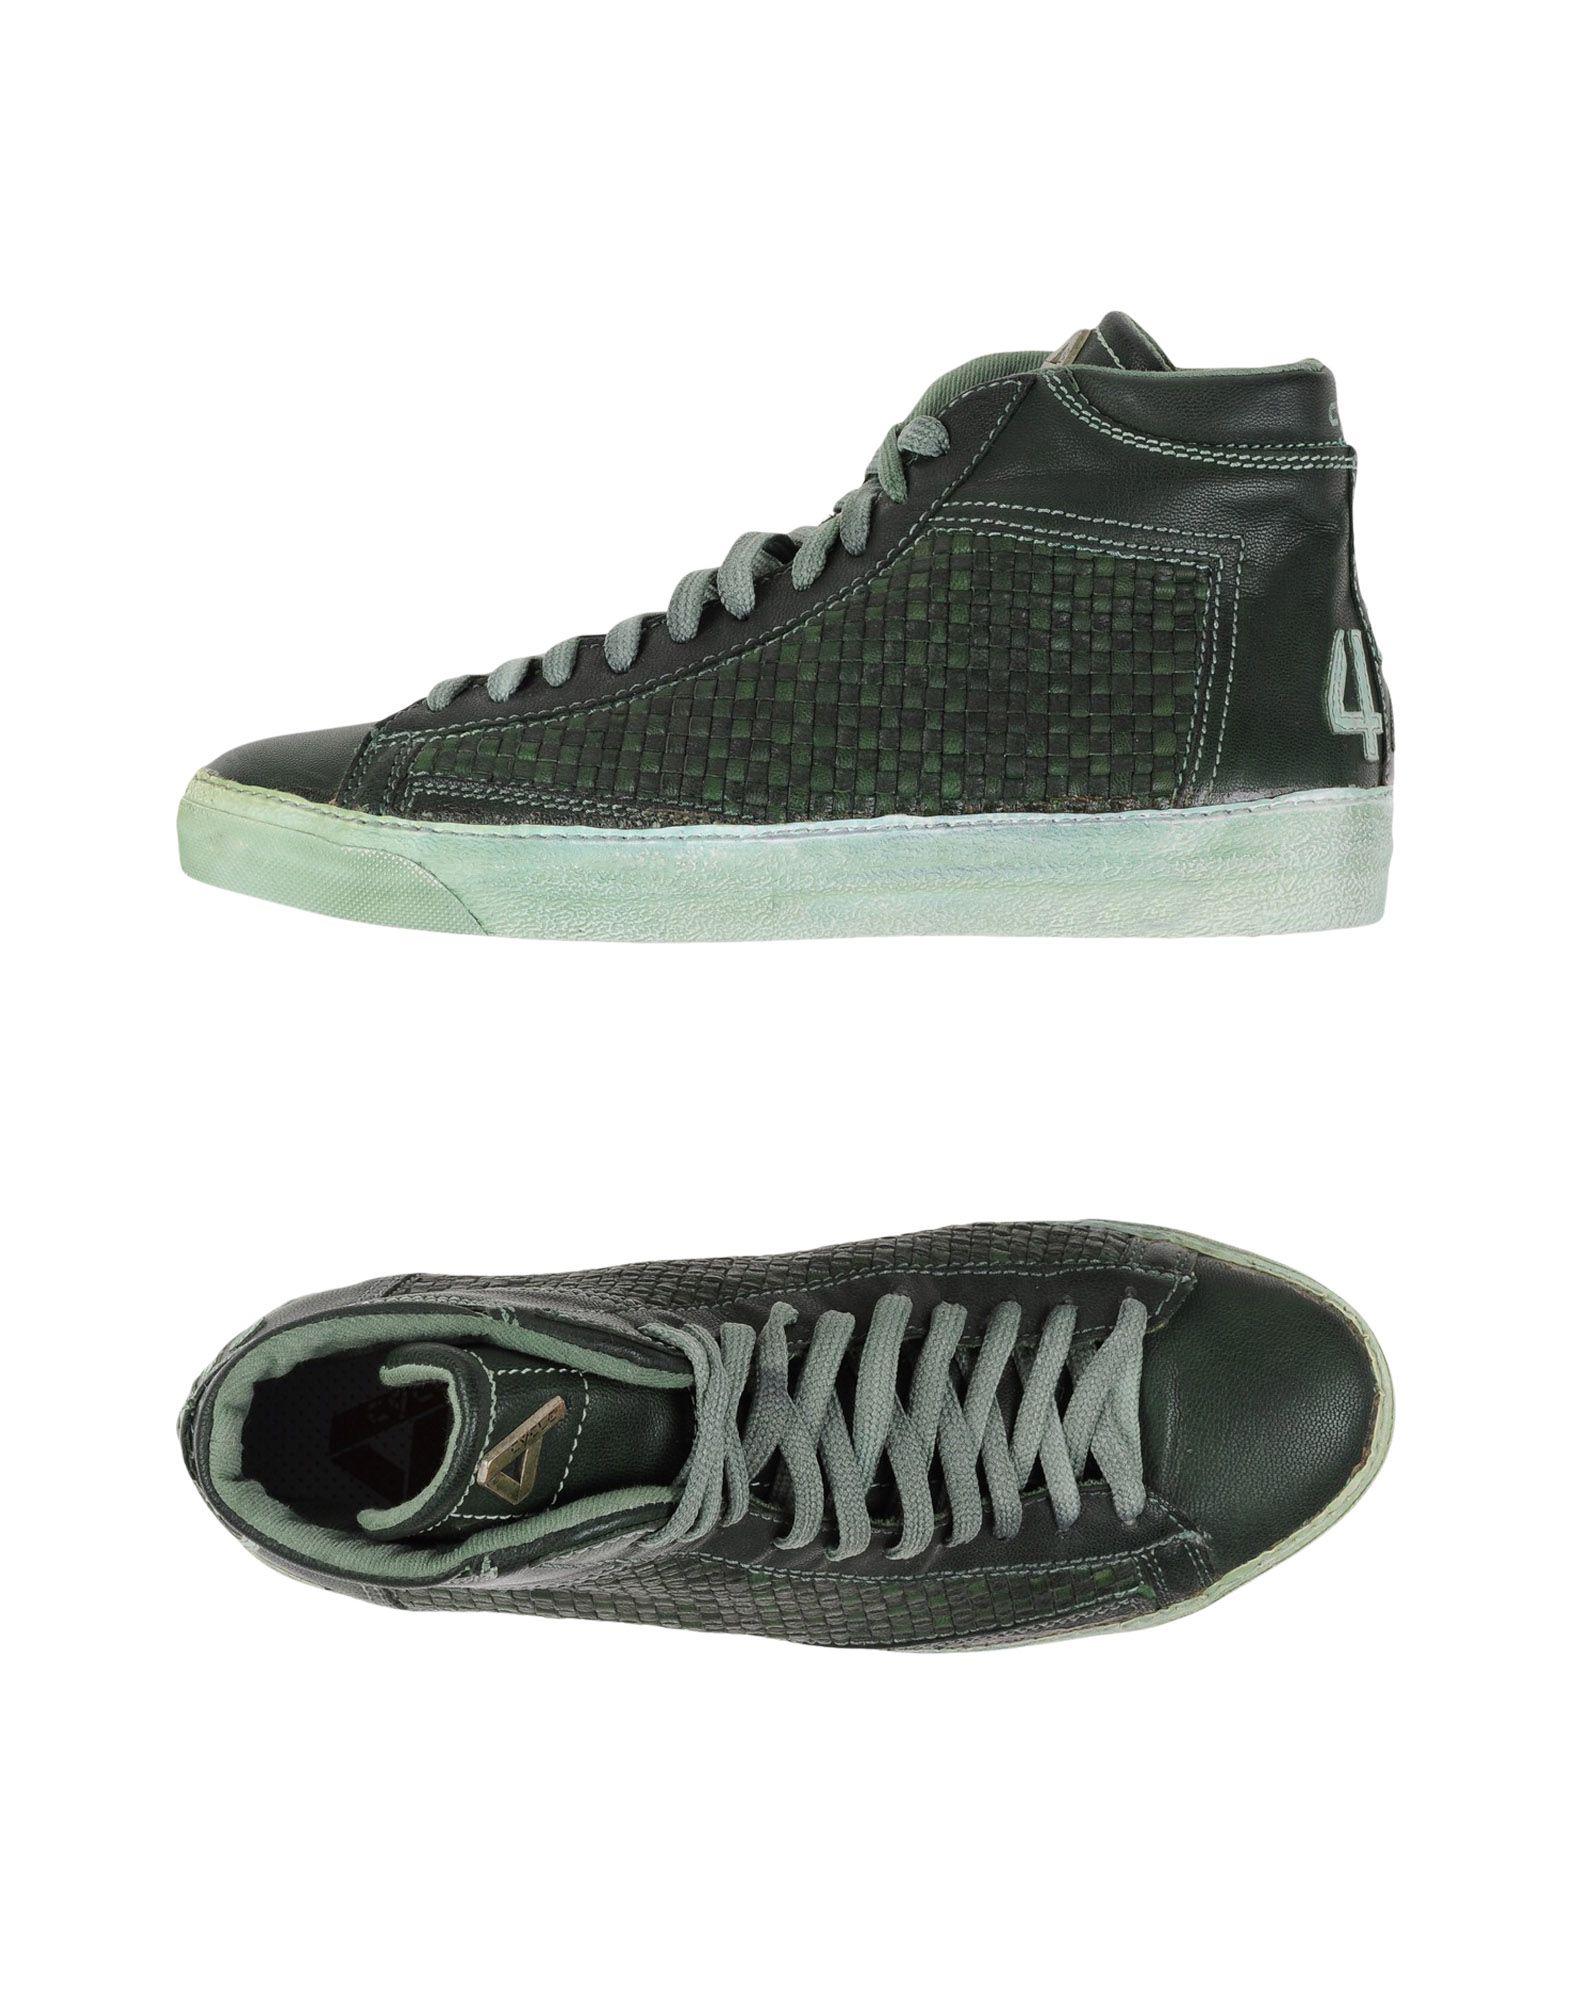 Rabatt echte  Schuhe Cycle Sneakers Herren  echte 11122910HW df5df9